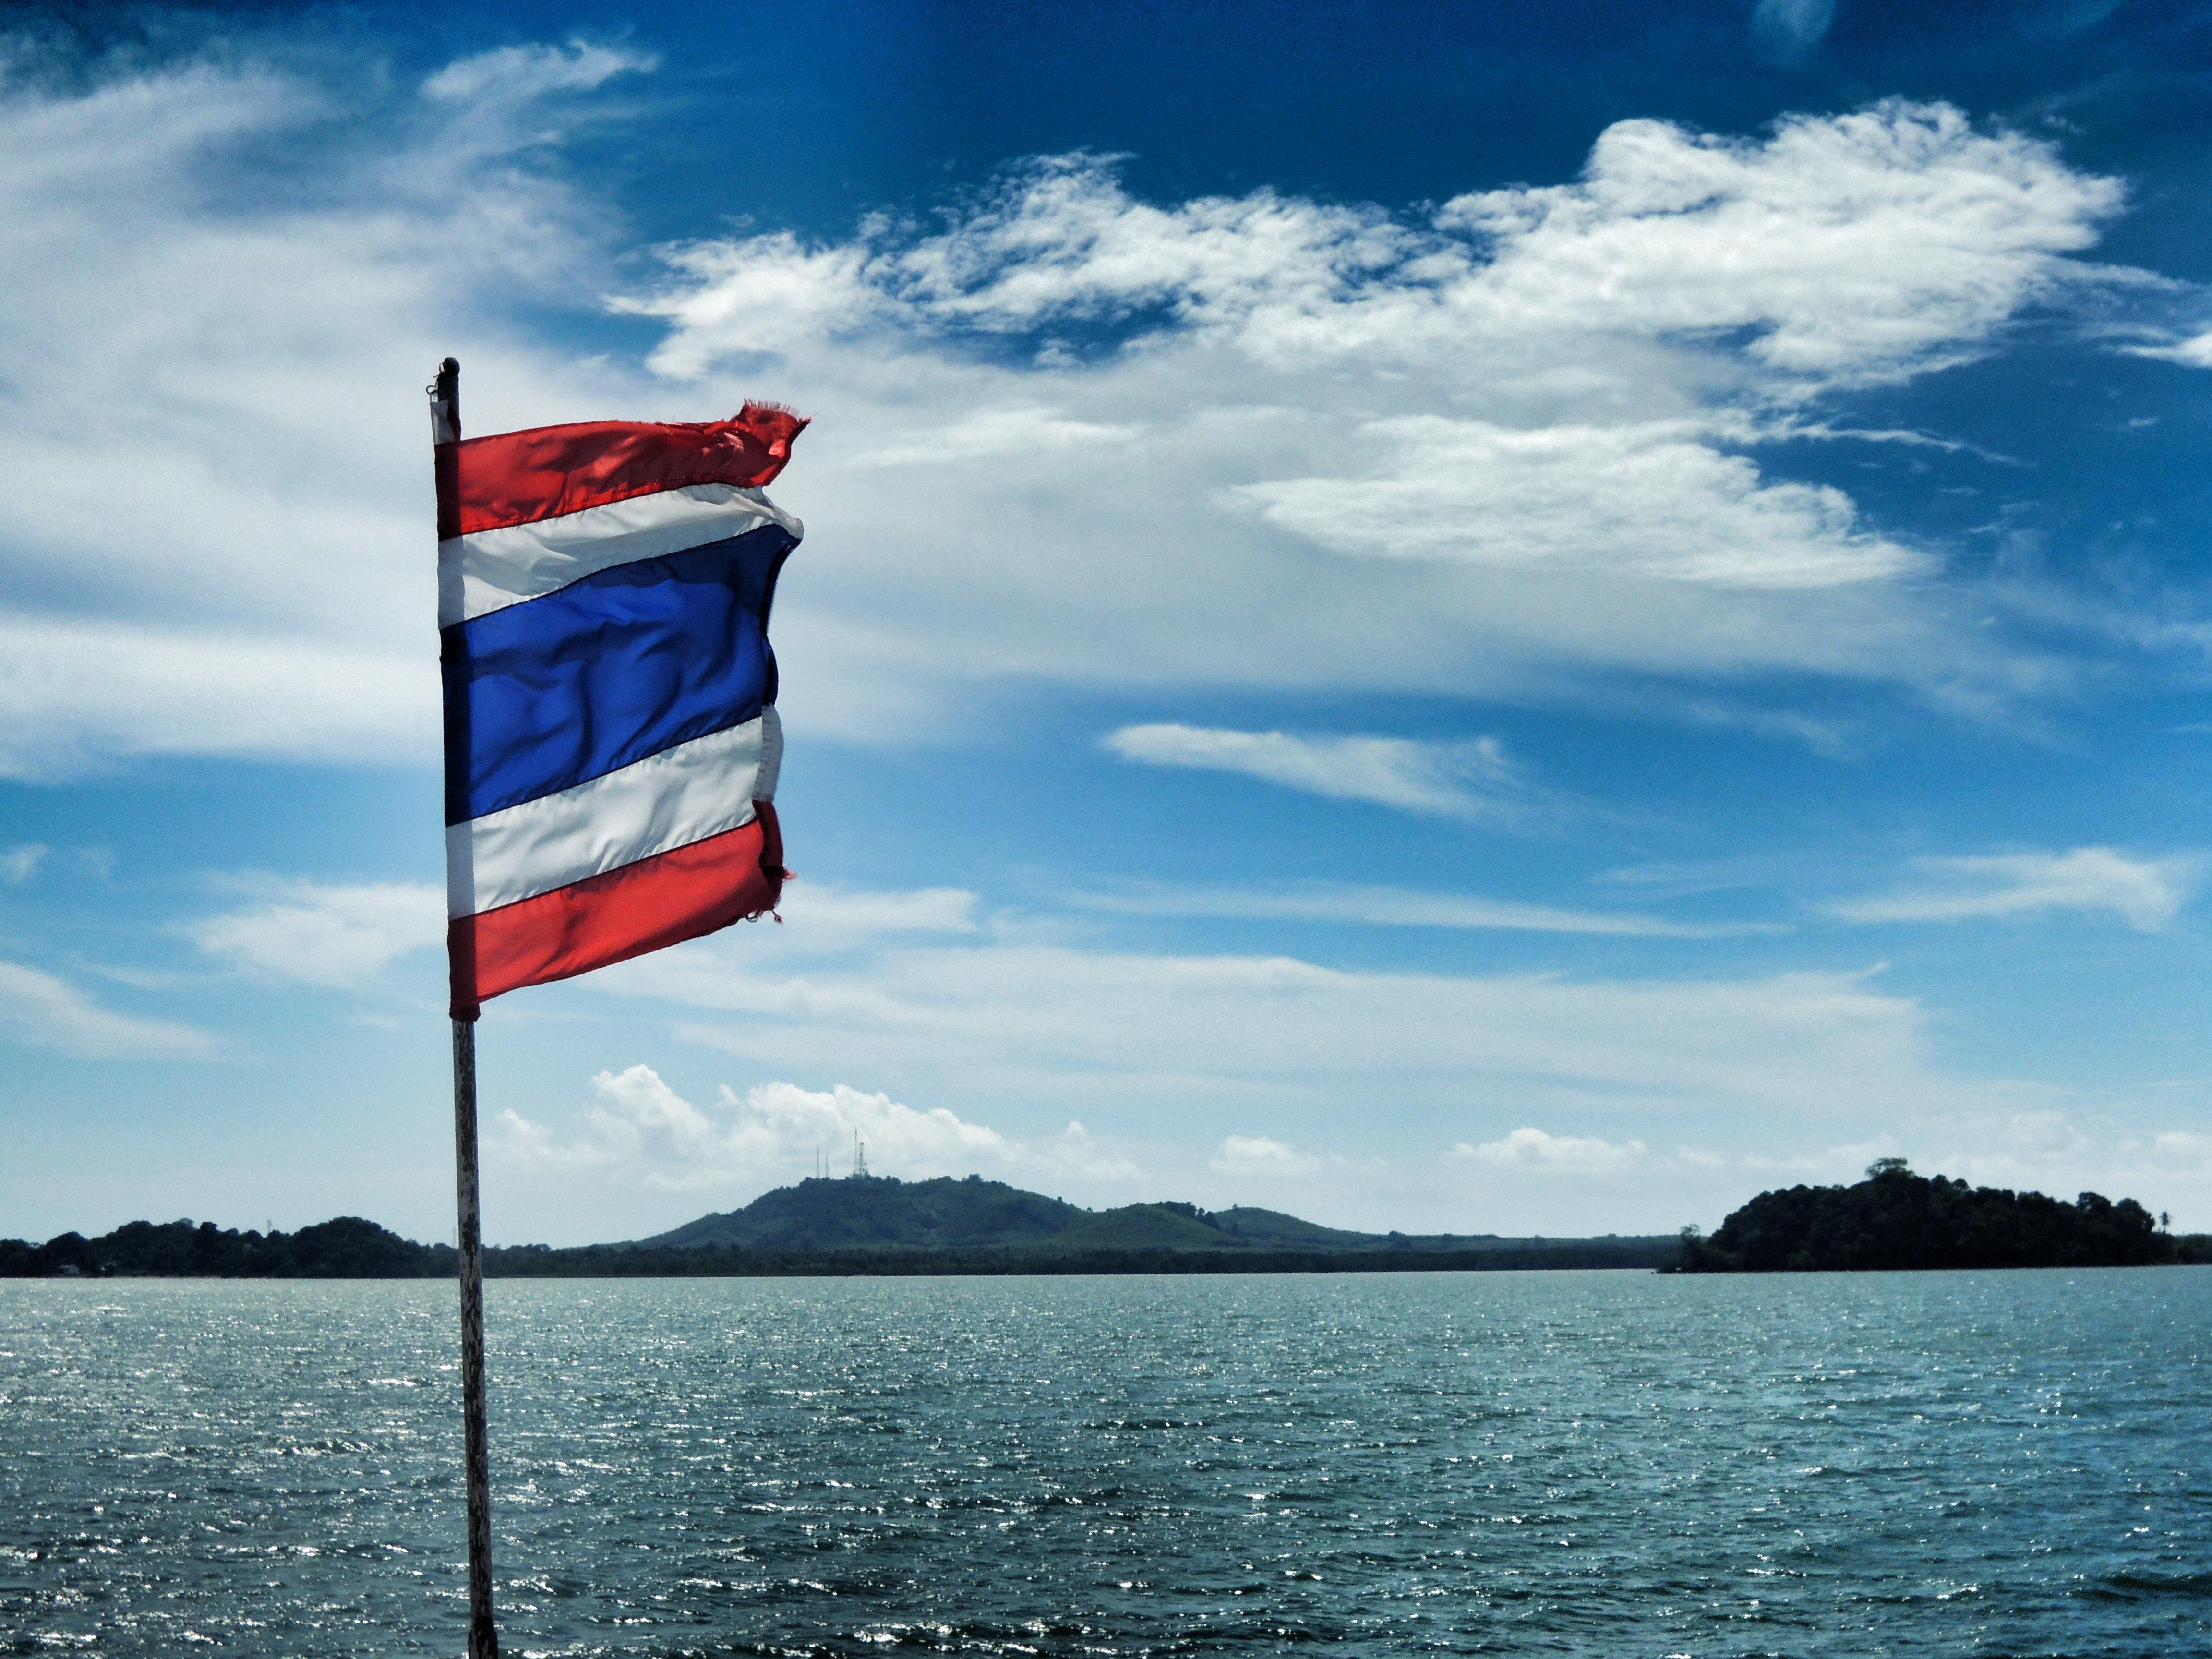 Koh Chang - Thailand 2013